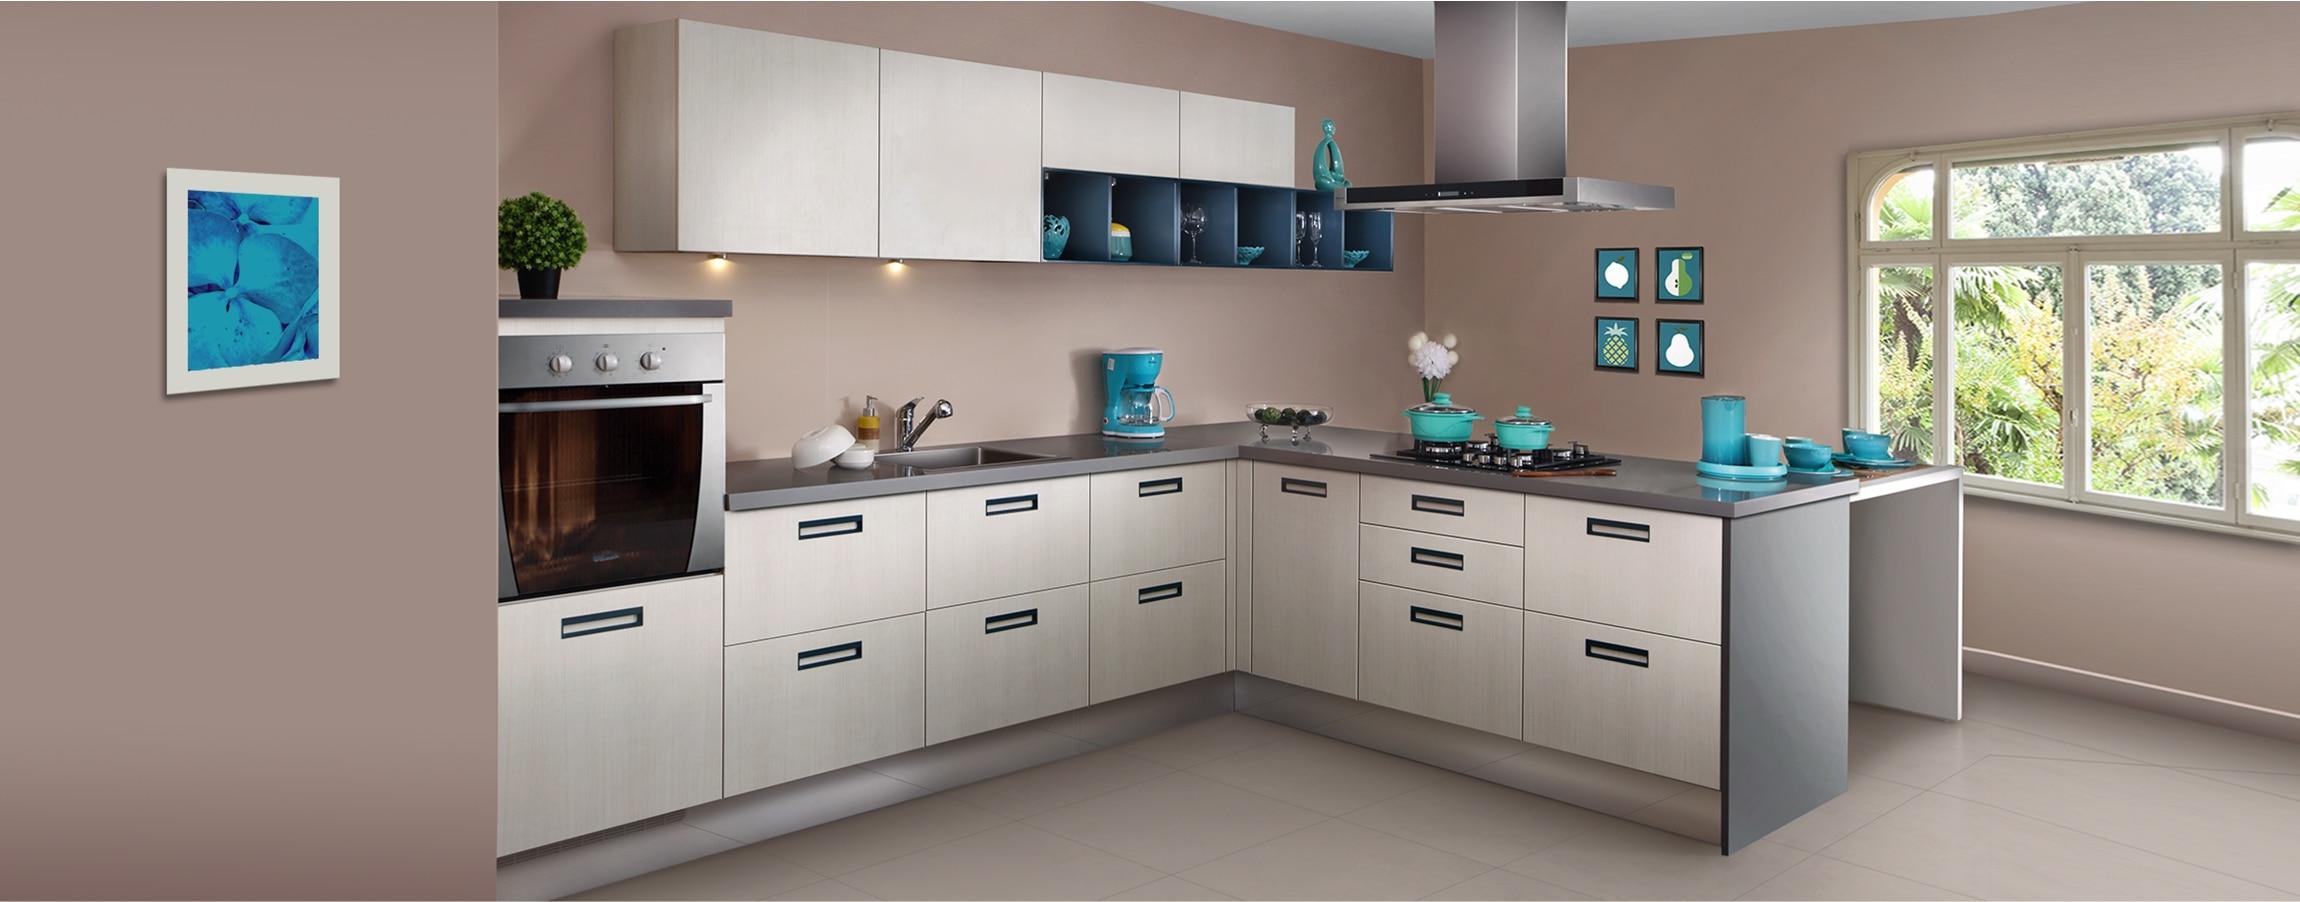 faber 3d kitchen